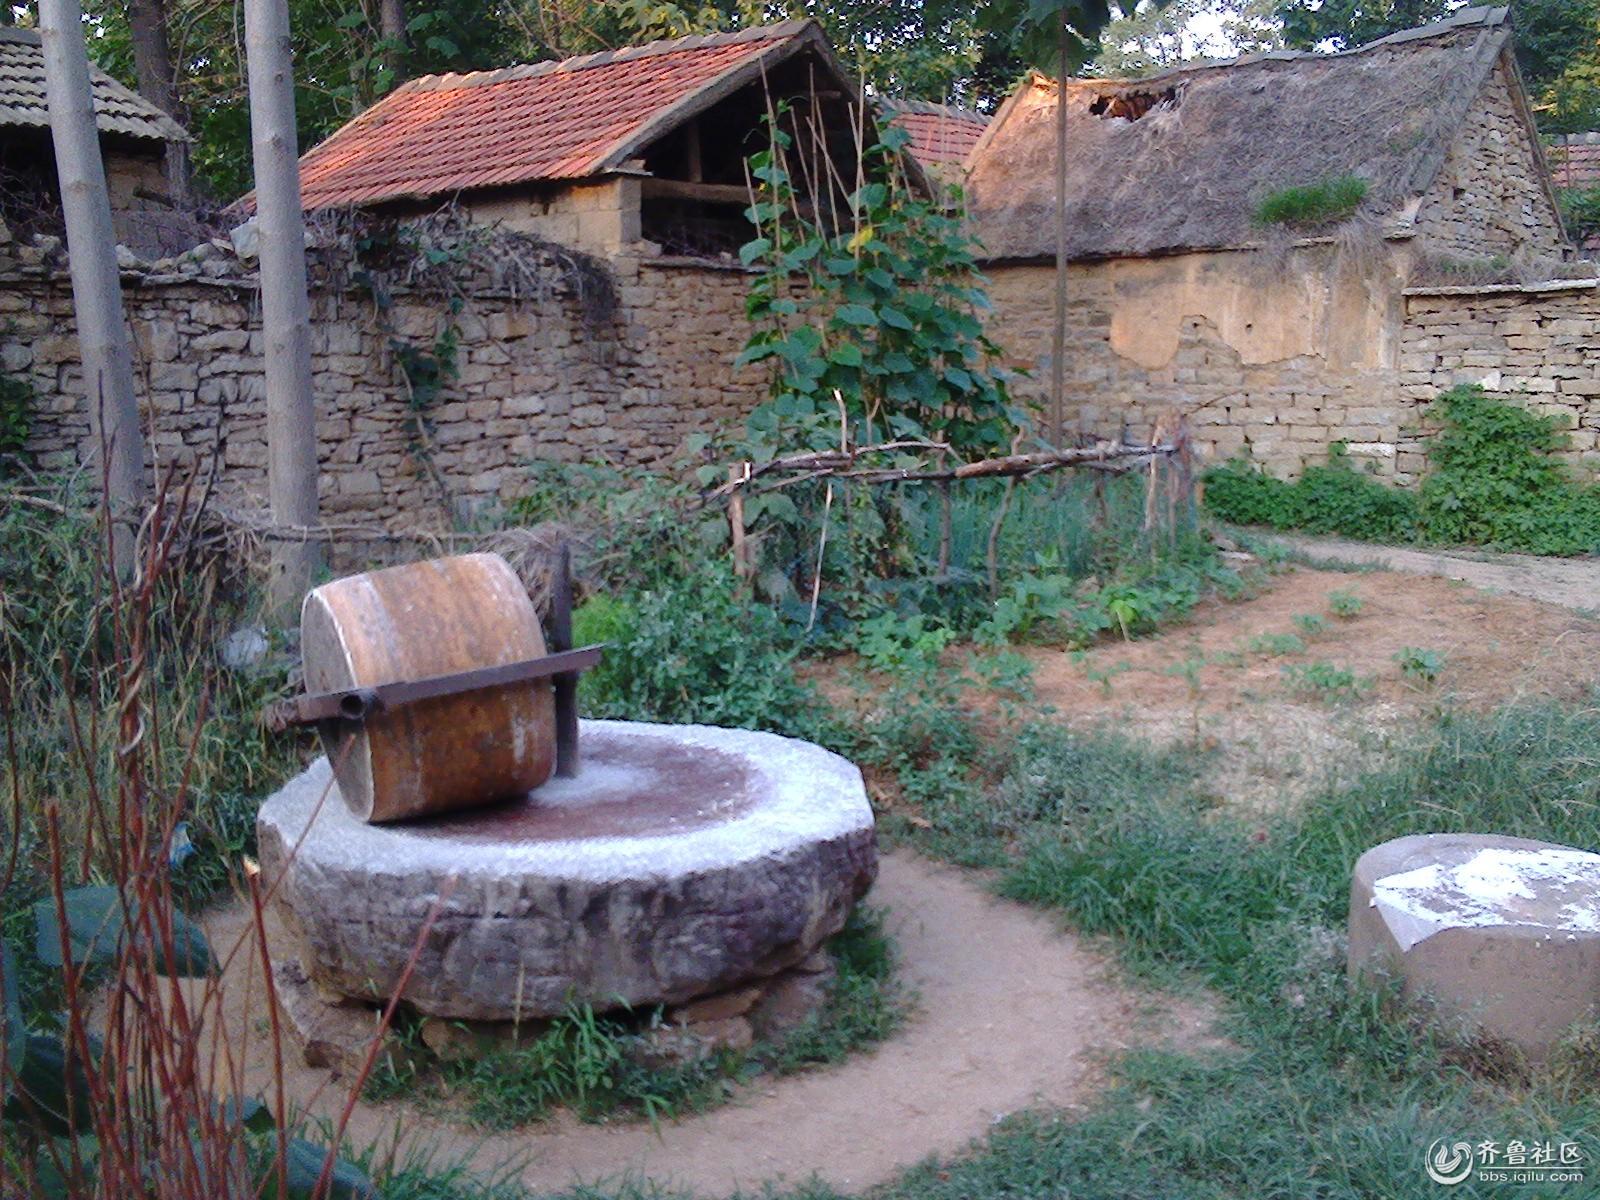 石碾:是一种用石头和木材等制作的使谷物等破碎或